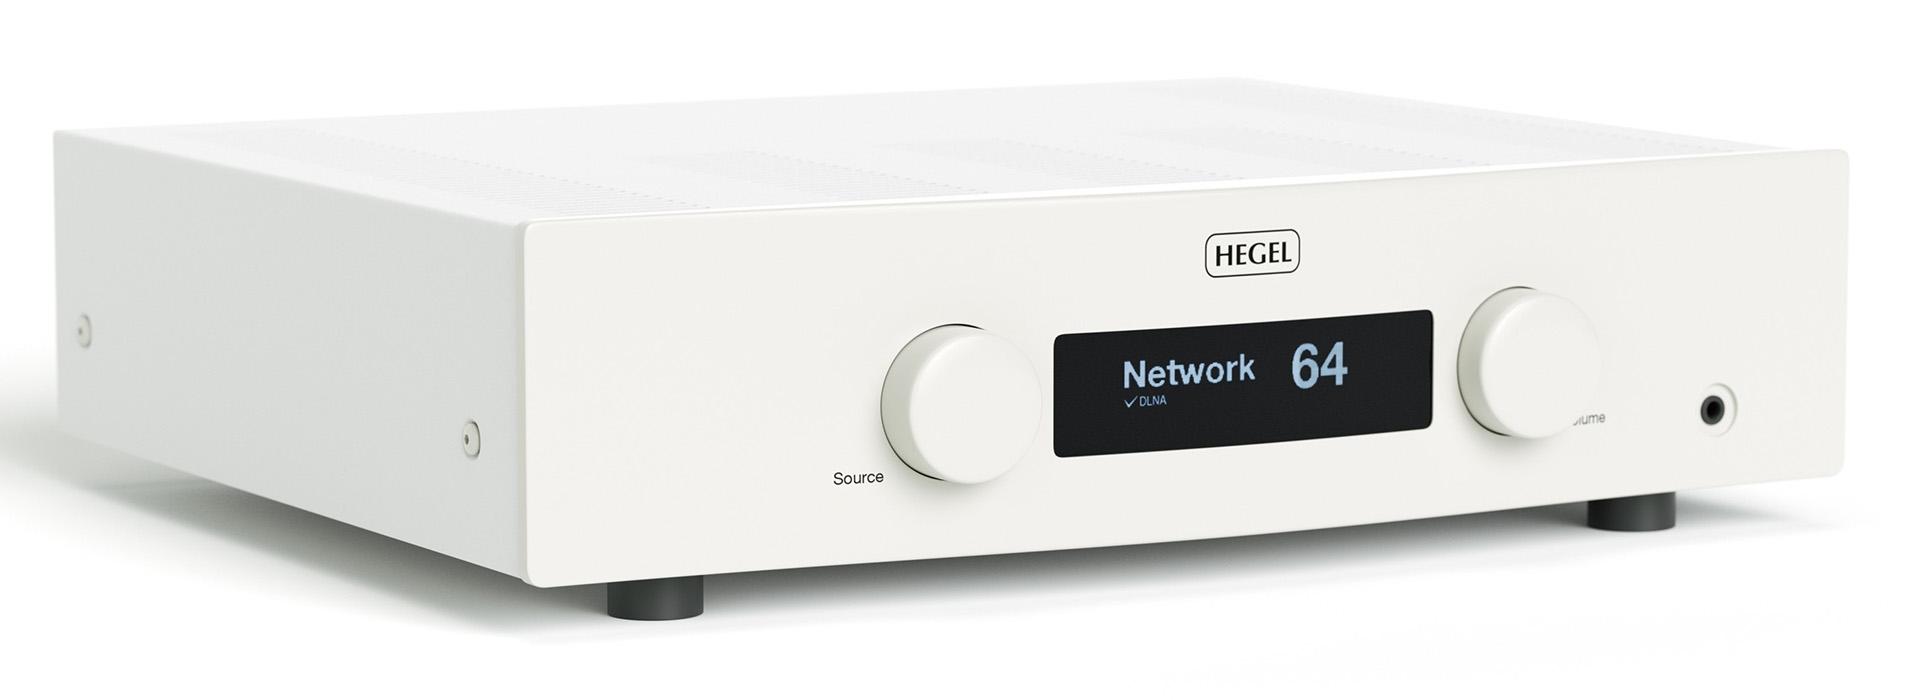 Hegel H190 поставляется в корпусе чёрного или белого цвета